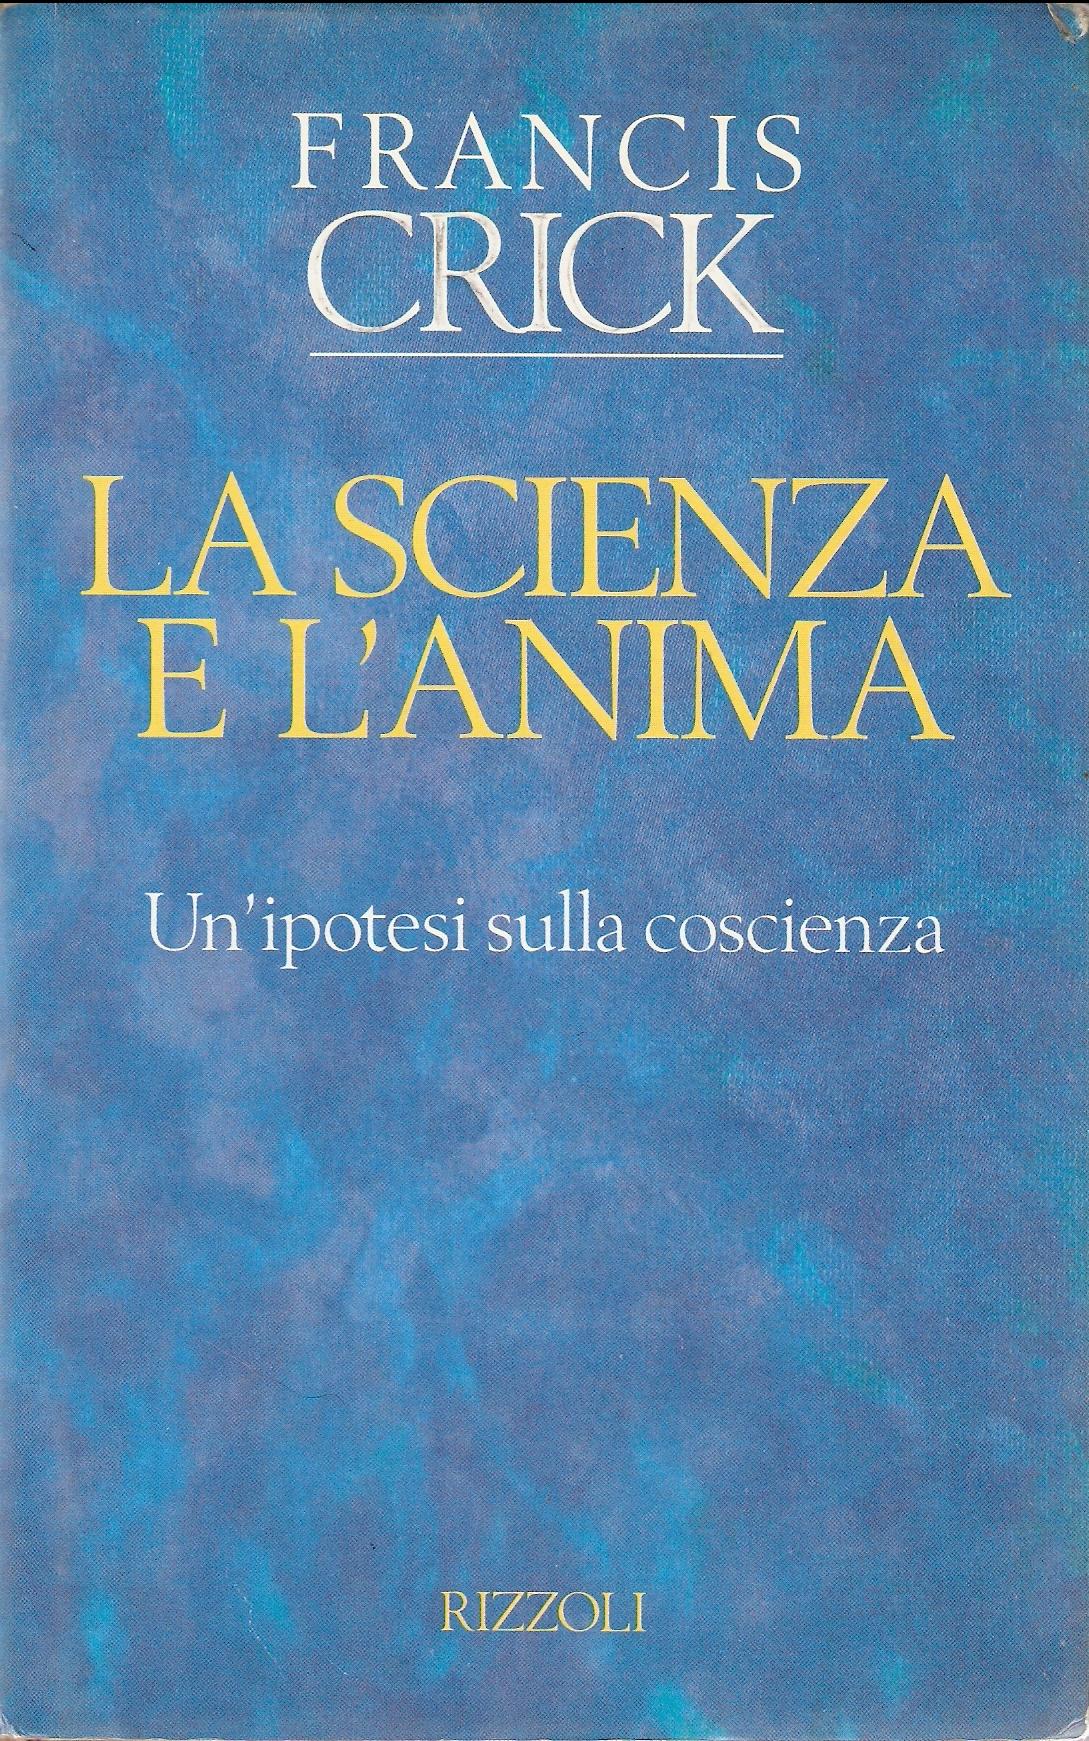 La scienza e l'anima